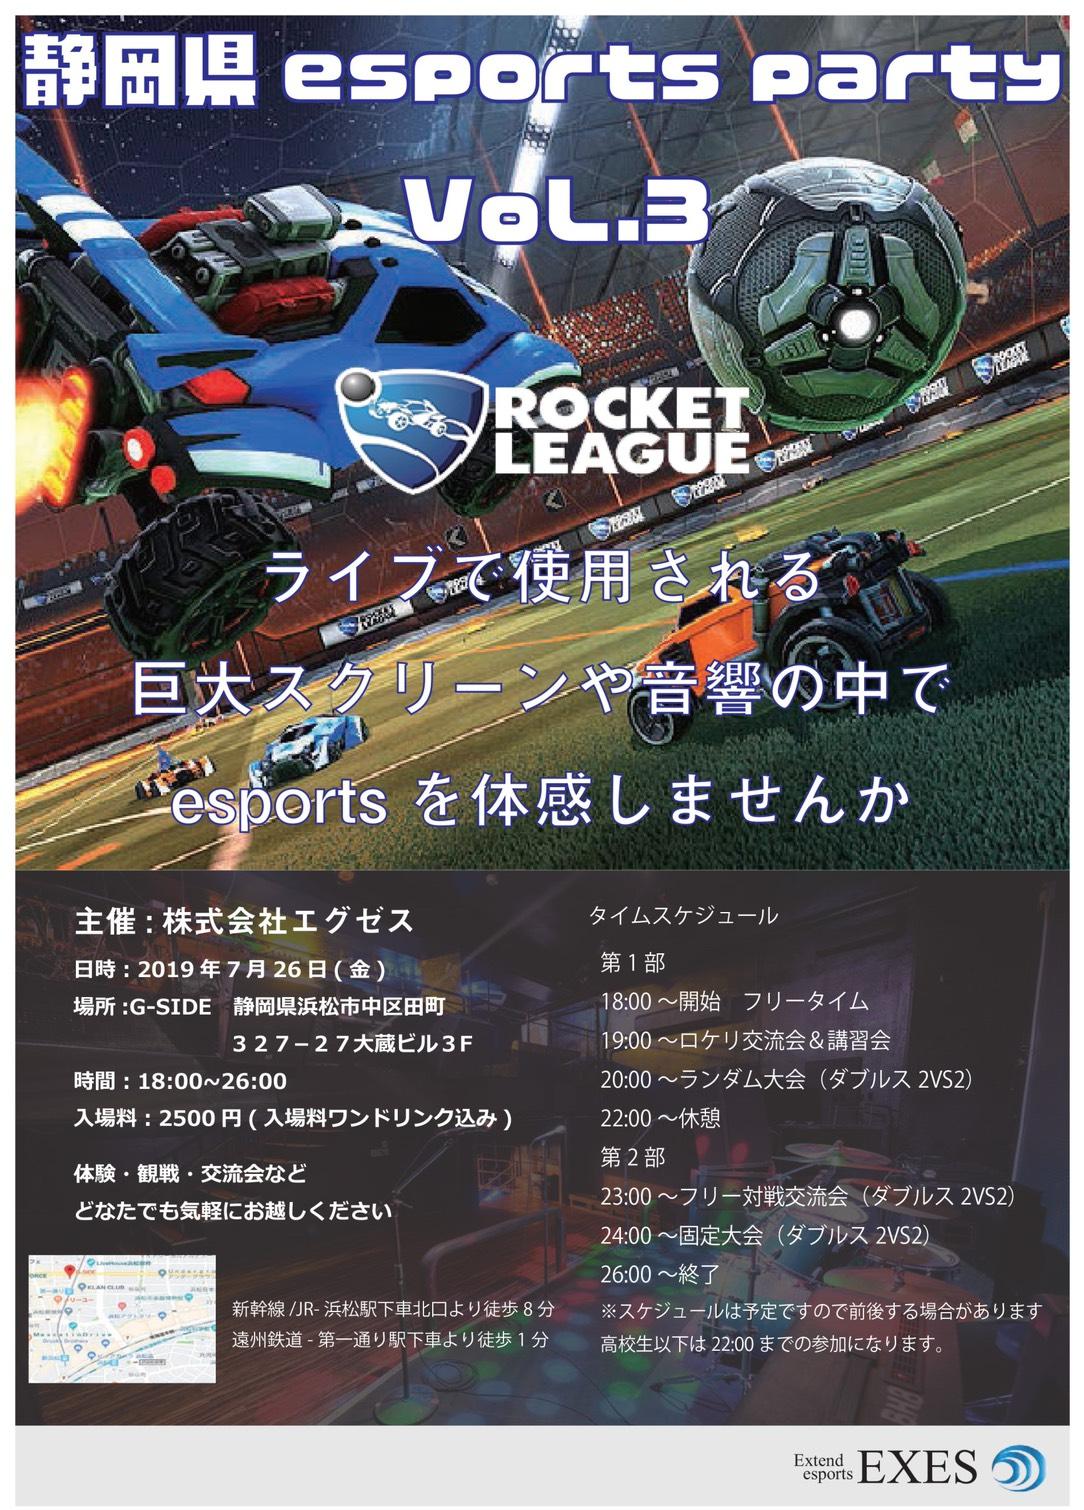 7月26日金曜日 静岡 esports party  vol.3